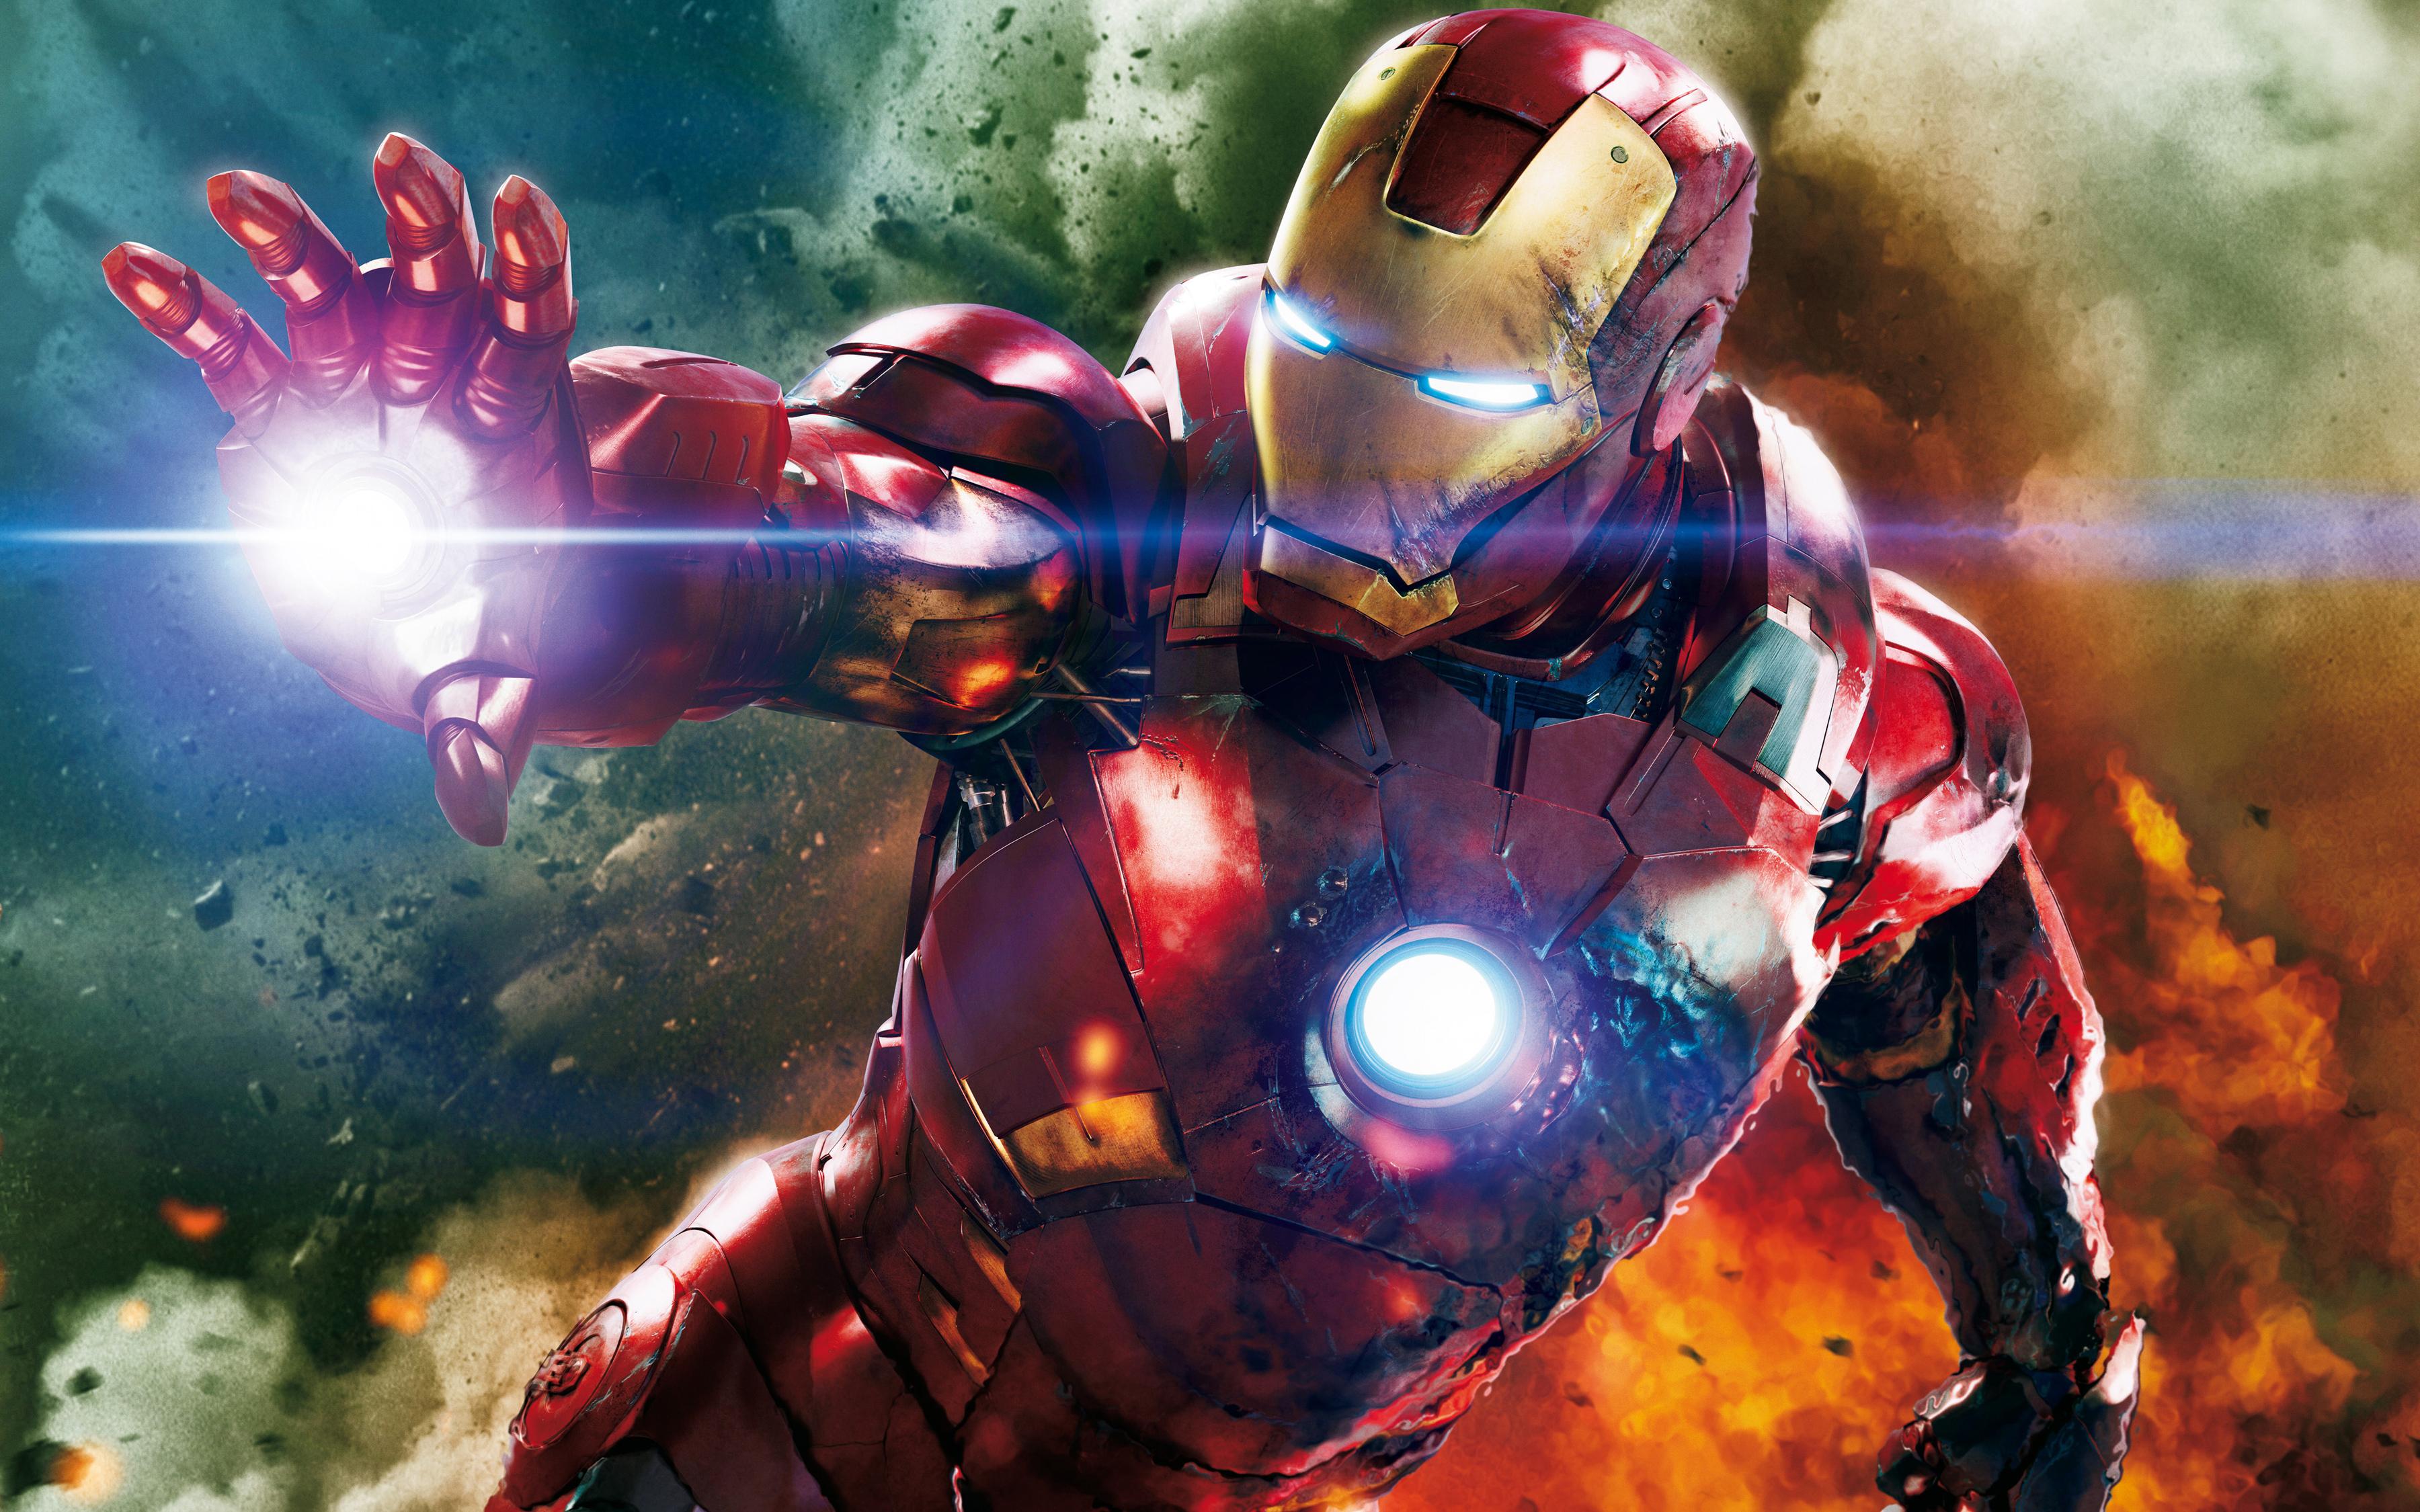 The Avengers wallpapers HD   Taringa 3600x2250